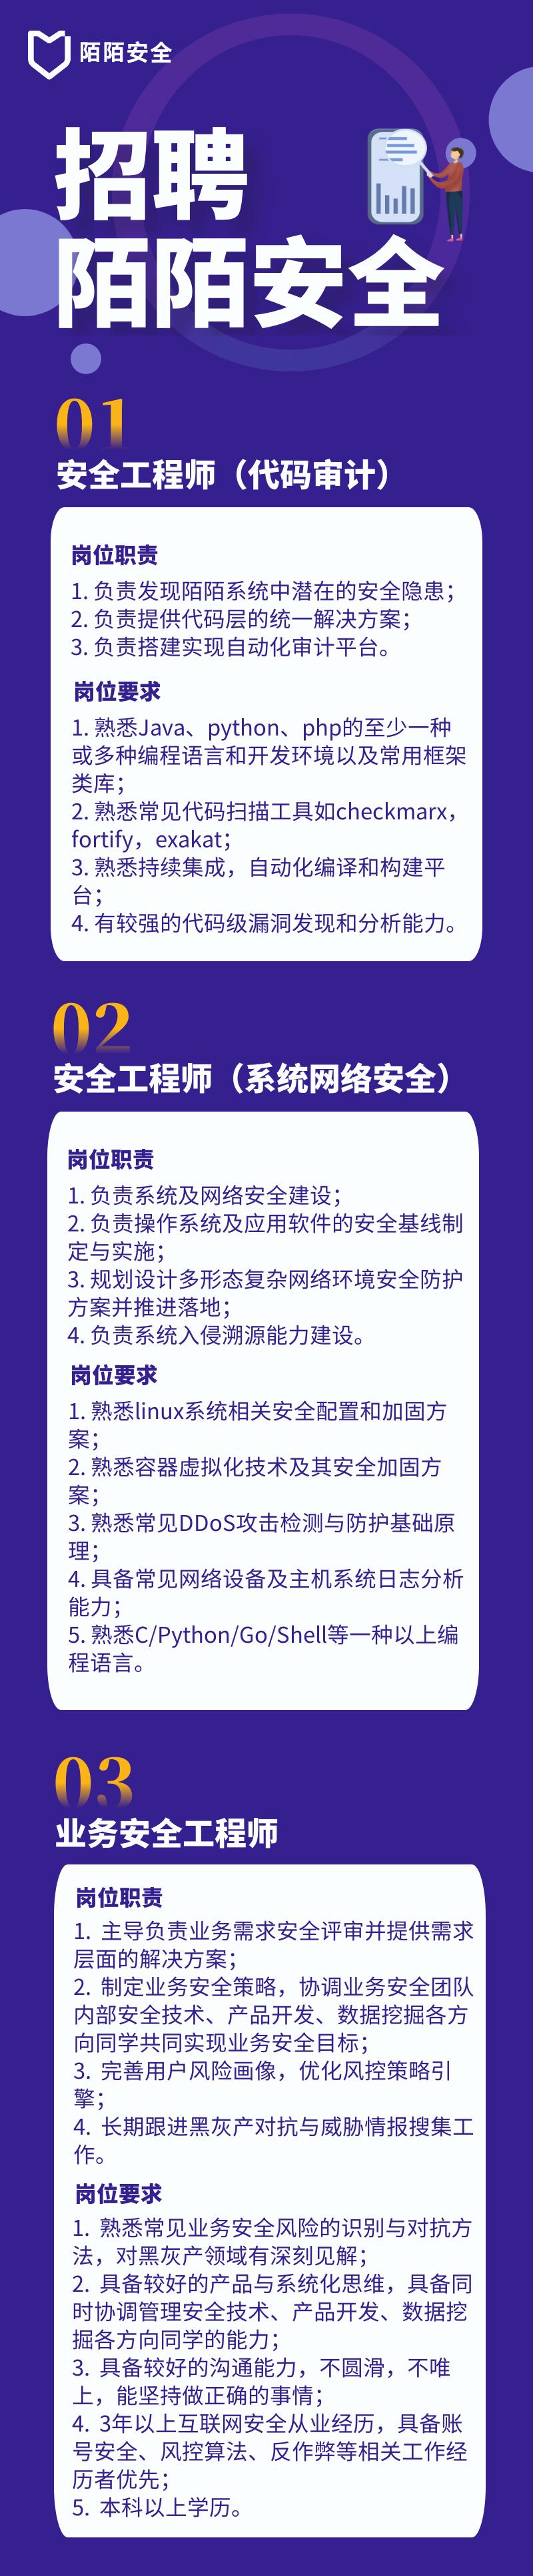 https://momo-mmsrc.oss-cn-hangzhou.aliyuncs.com/img-498ca768-7ef5-336a-a196-e6504464e943.png